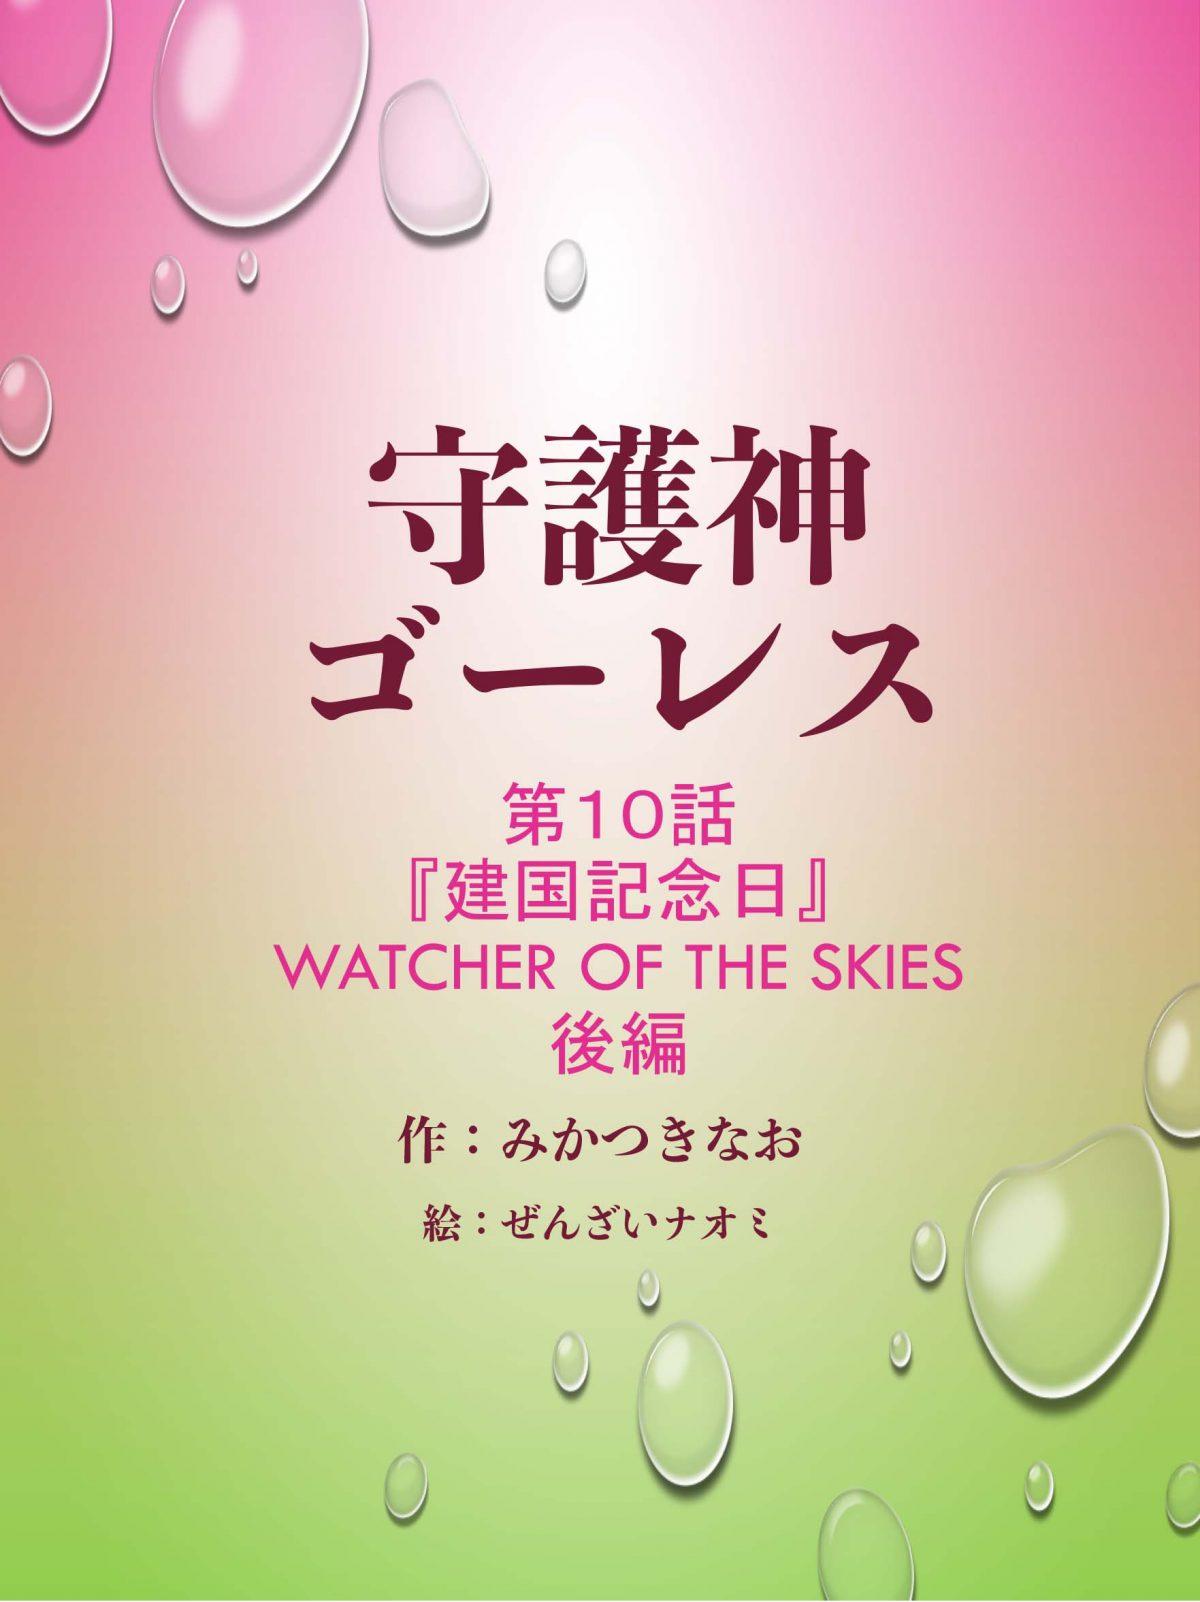 守護神ゴーレス第10話 『建国記念日』 Watcher of the skies 後編